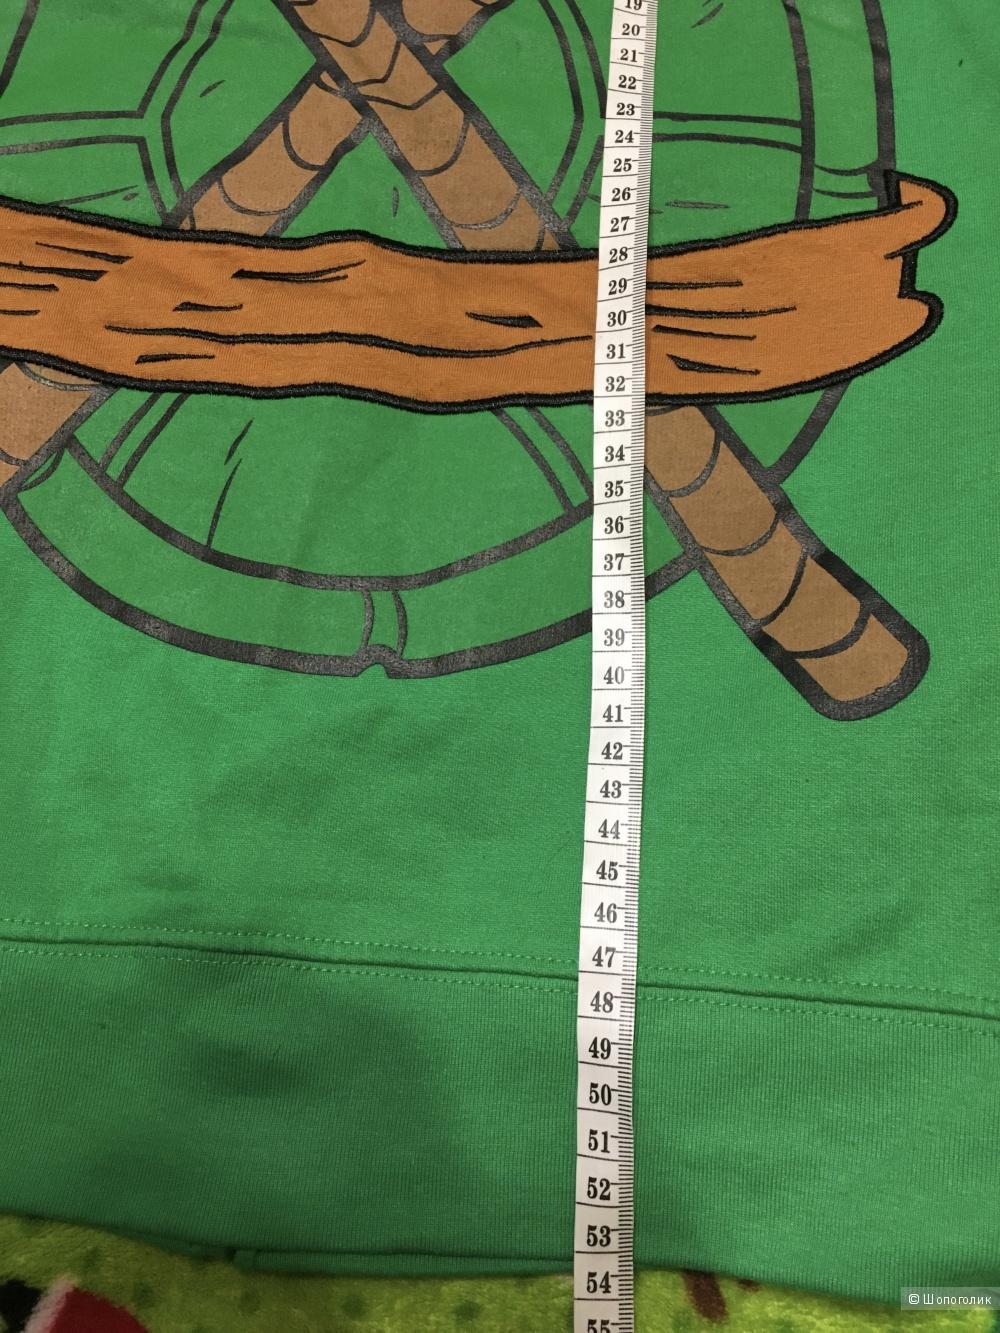 Детская толстовка Черепашки Ниндзя, размер S, на ребенка 8-9 лет.